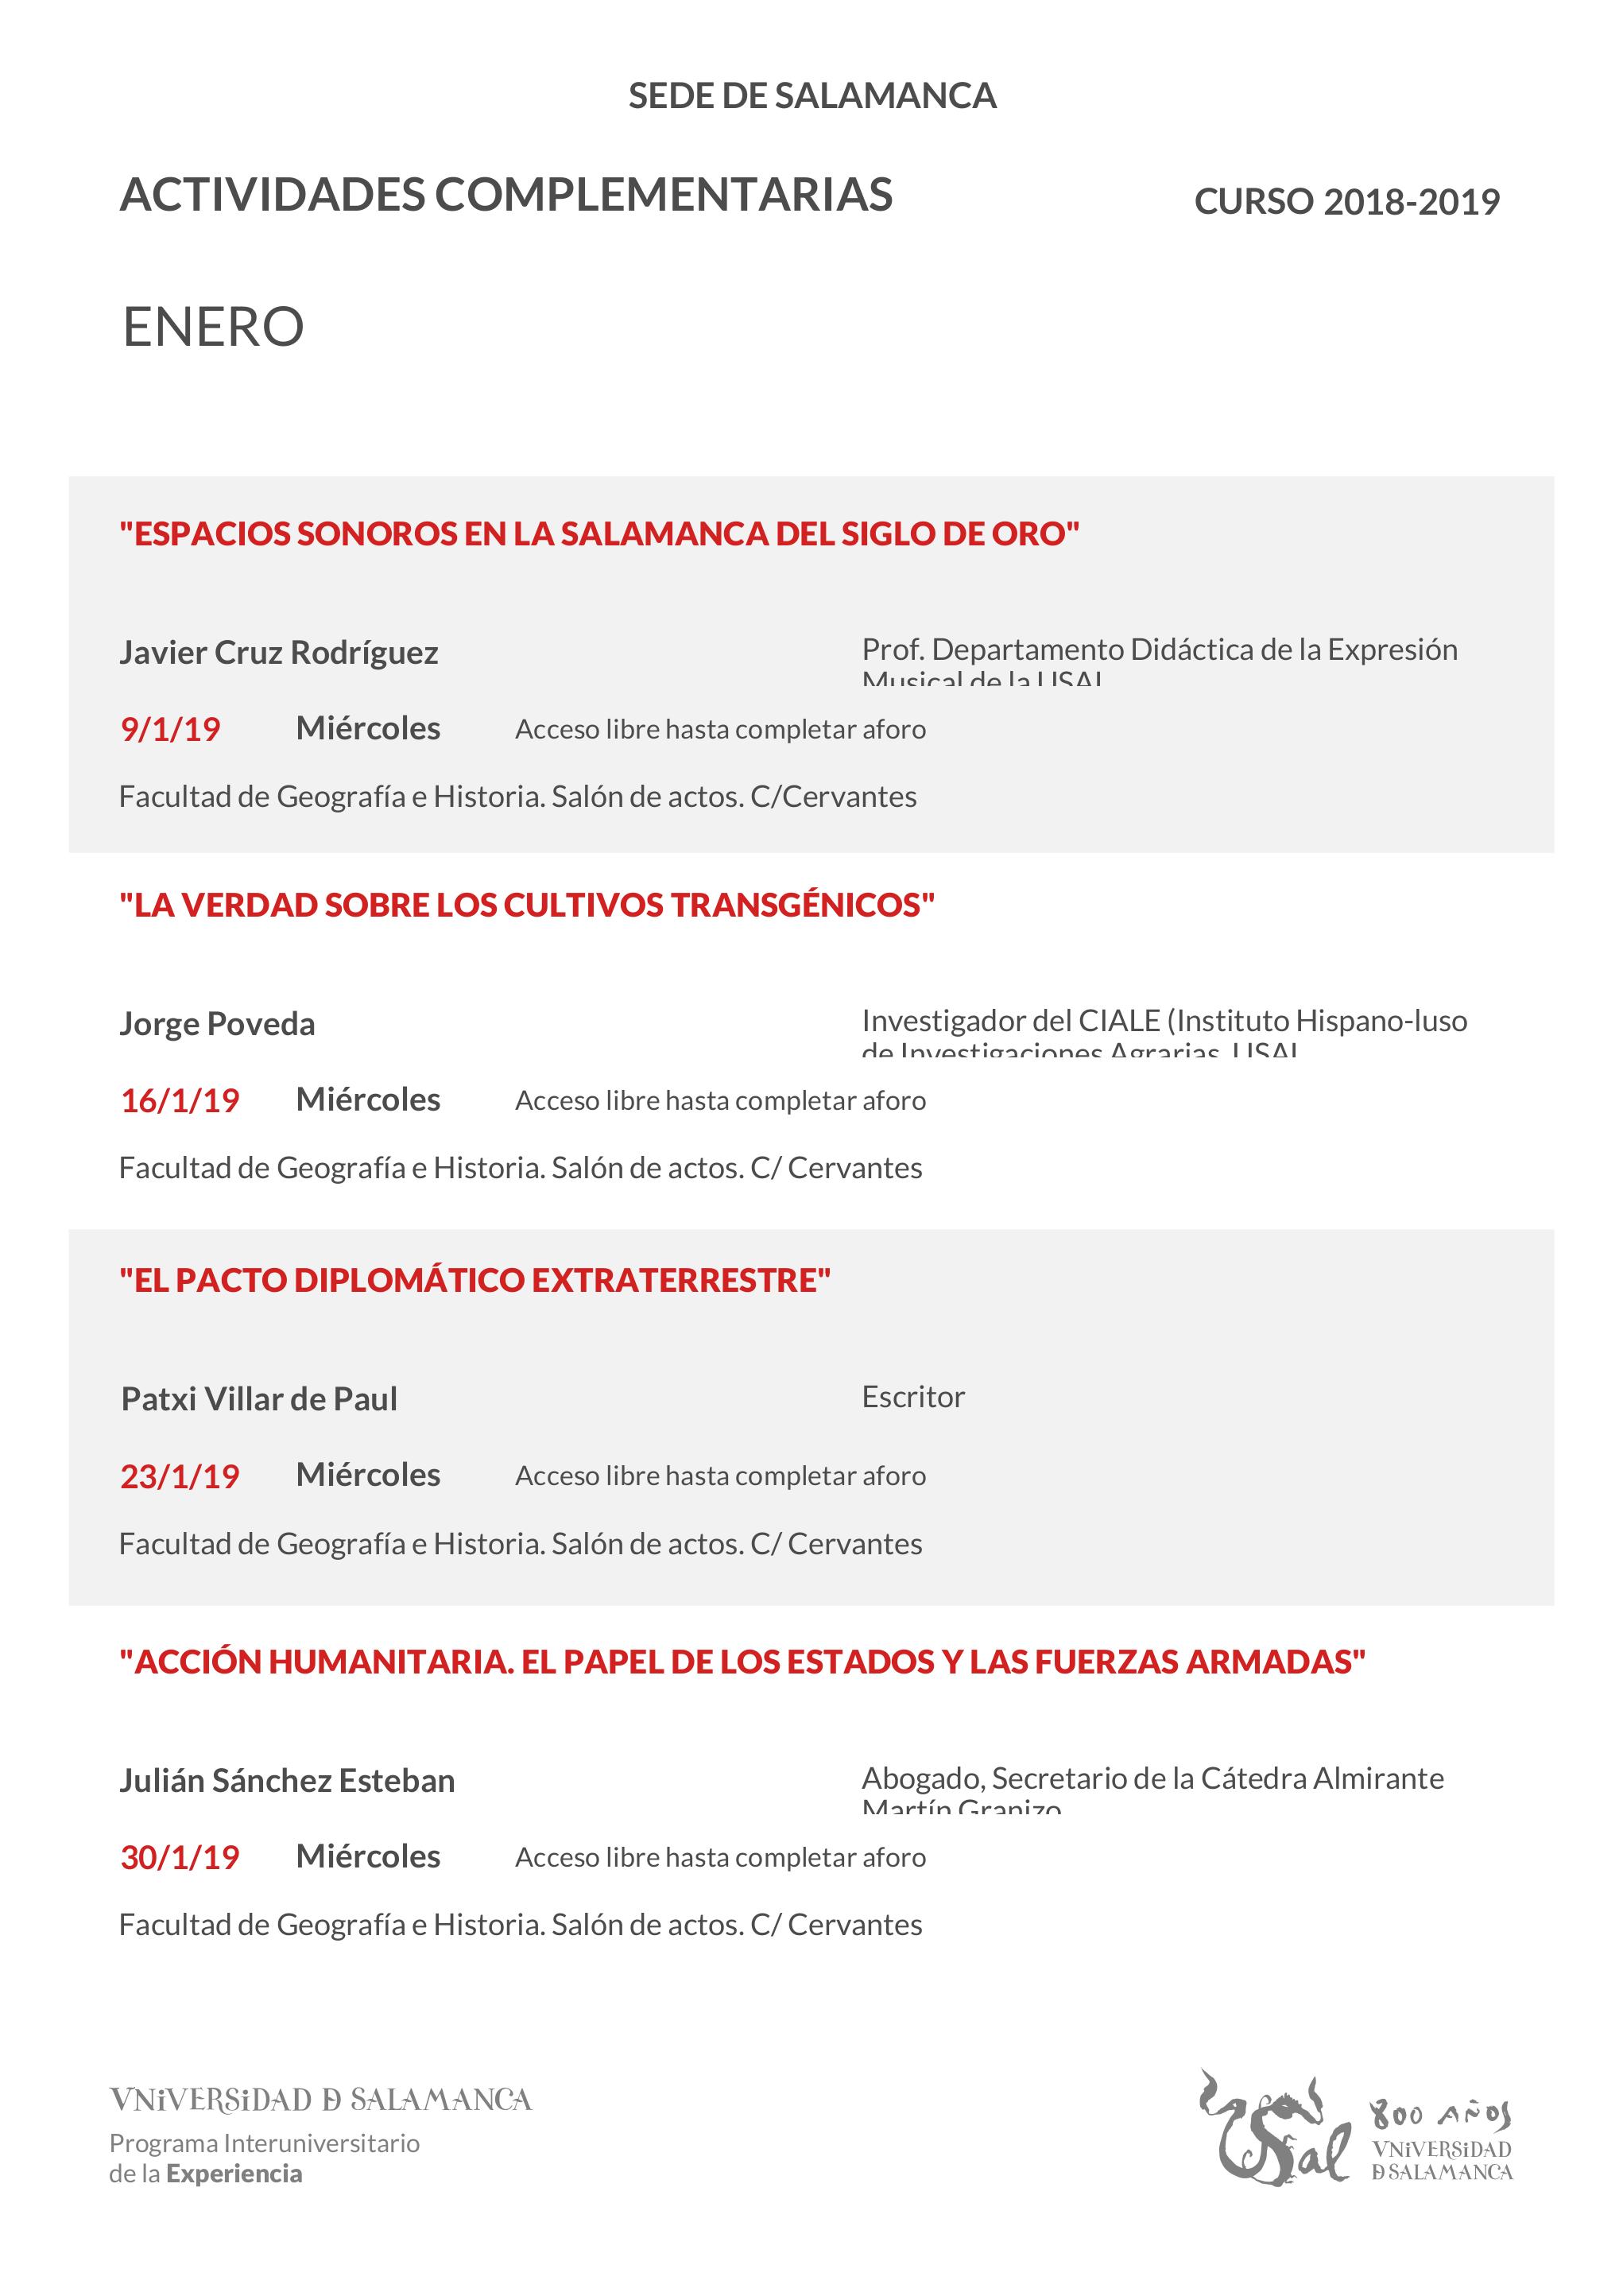 Facultad de Geografía e Historia Universidad de la Experiencia Salamanca Enero 2019